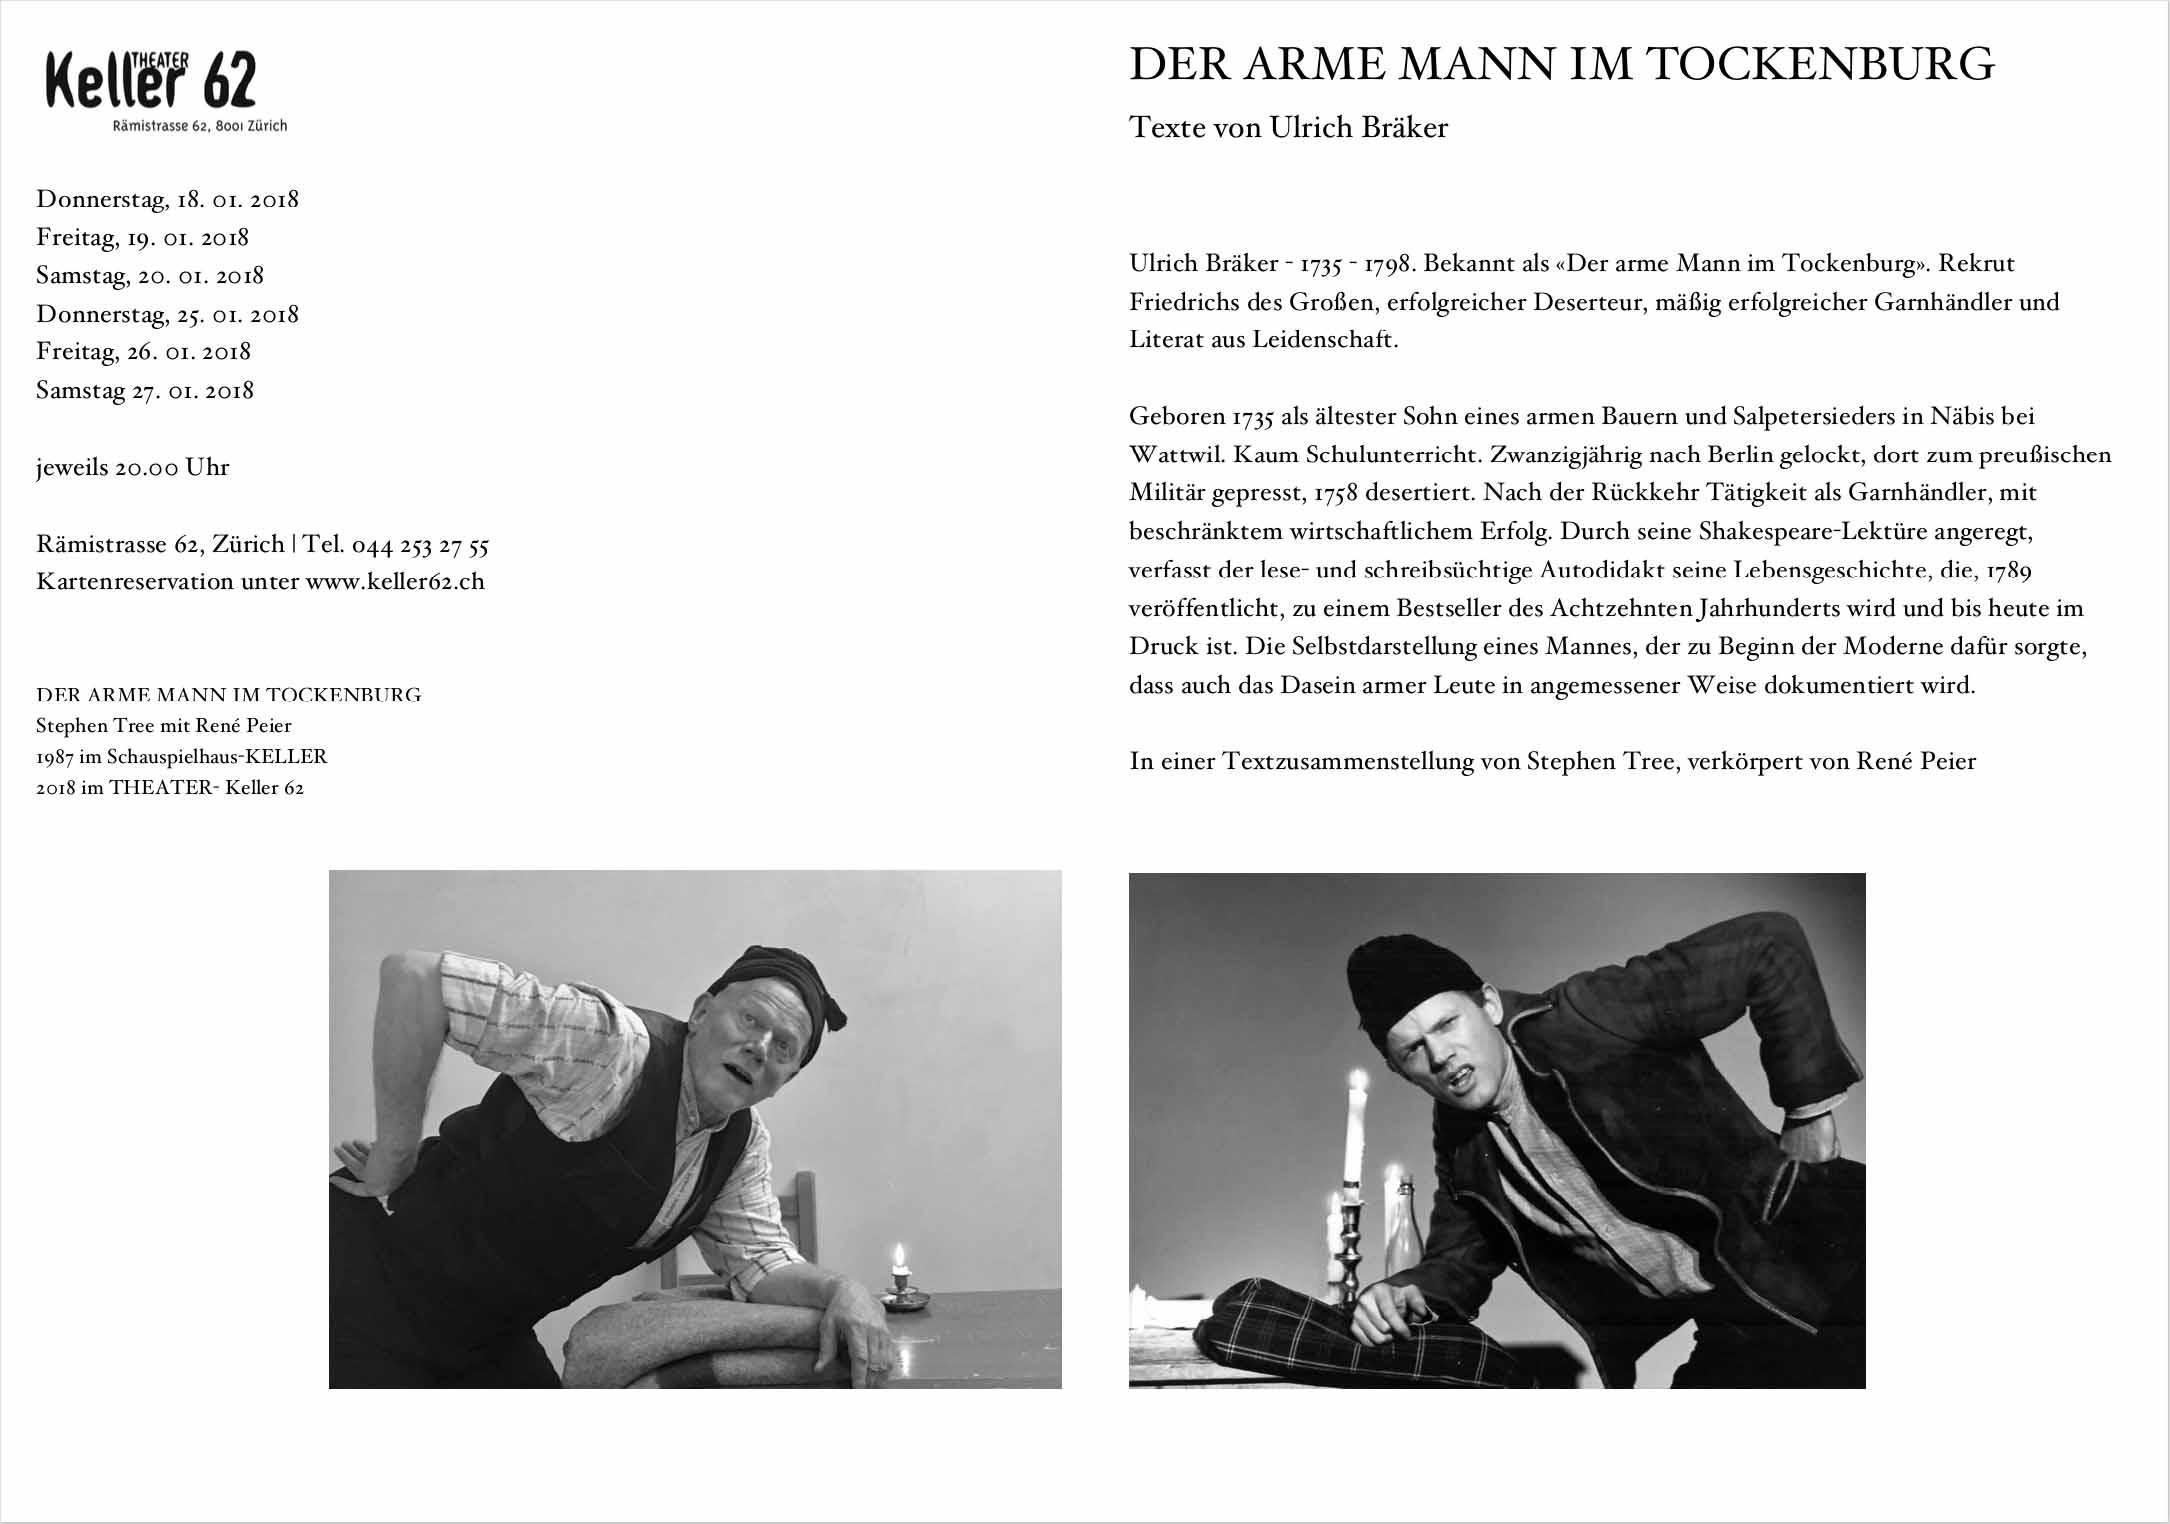 René Peier in 'Der arme Mann im Tockenburg', Keller62